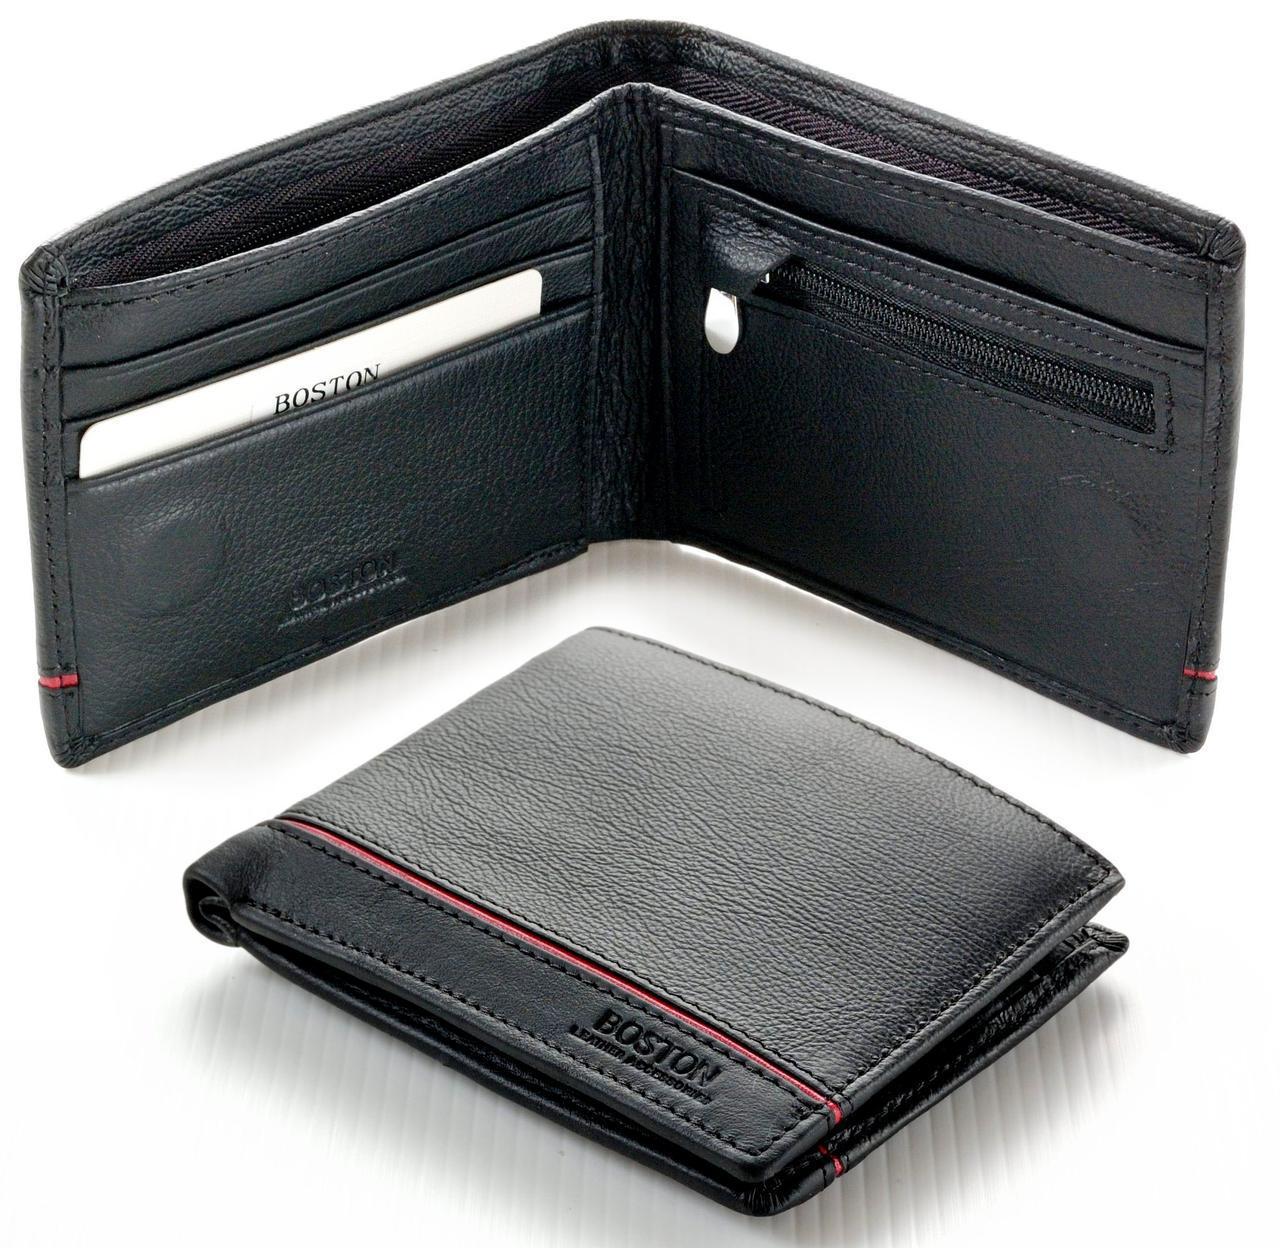 Мужской кожаный кошелек портмоне Boston на магните